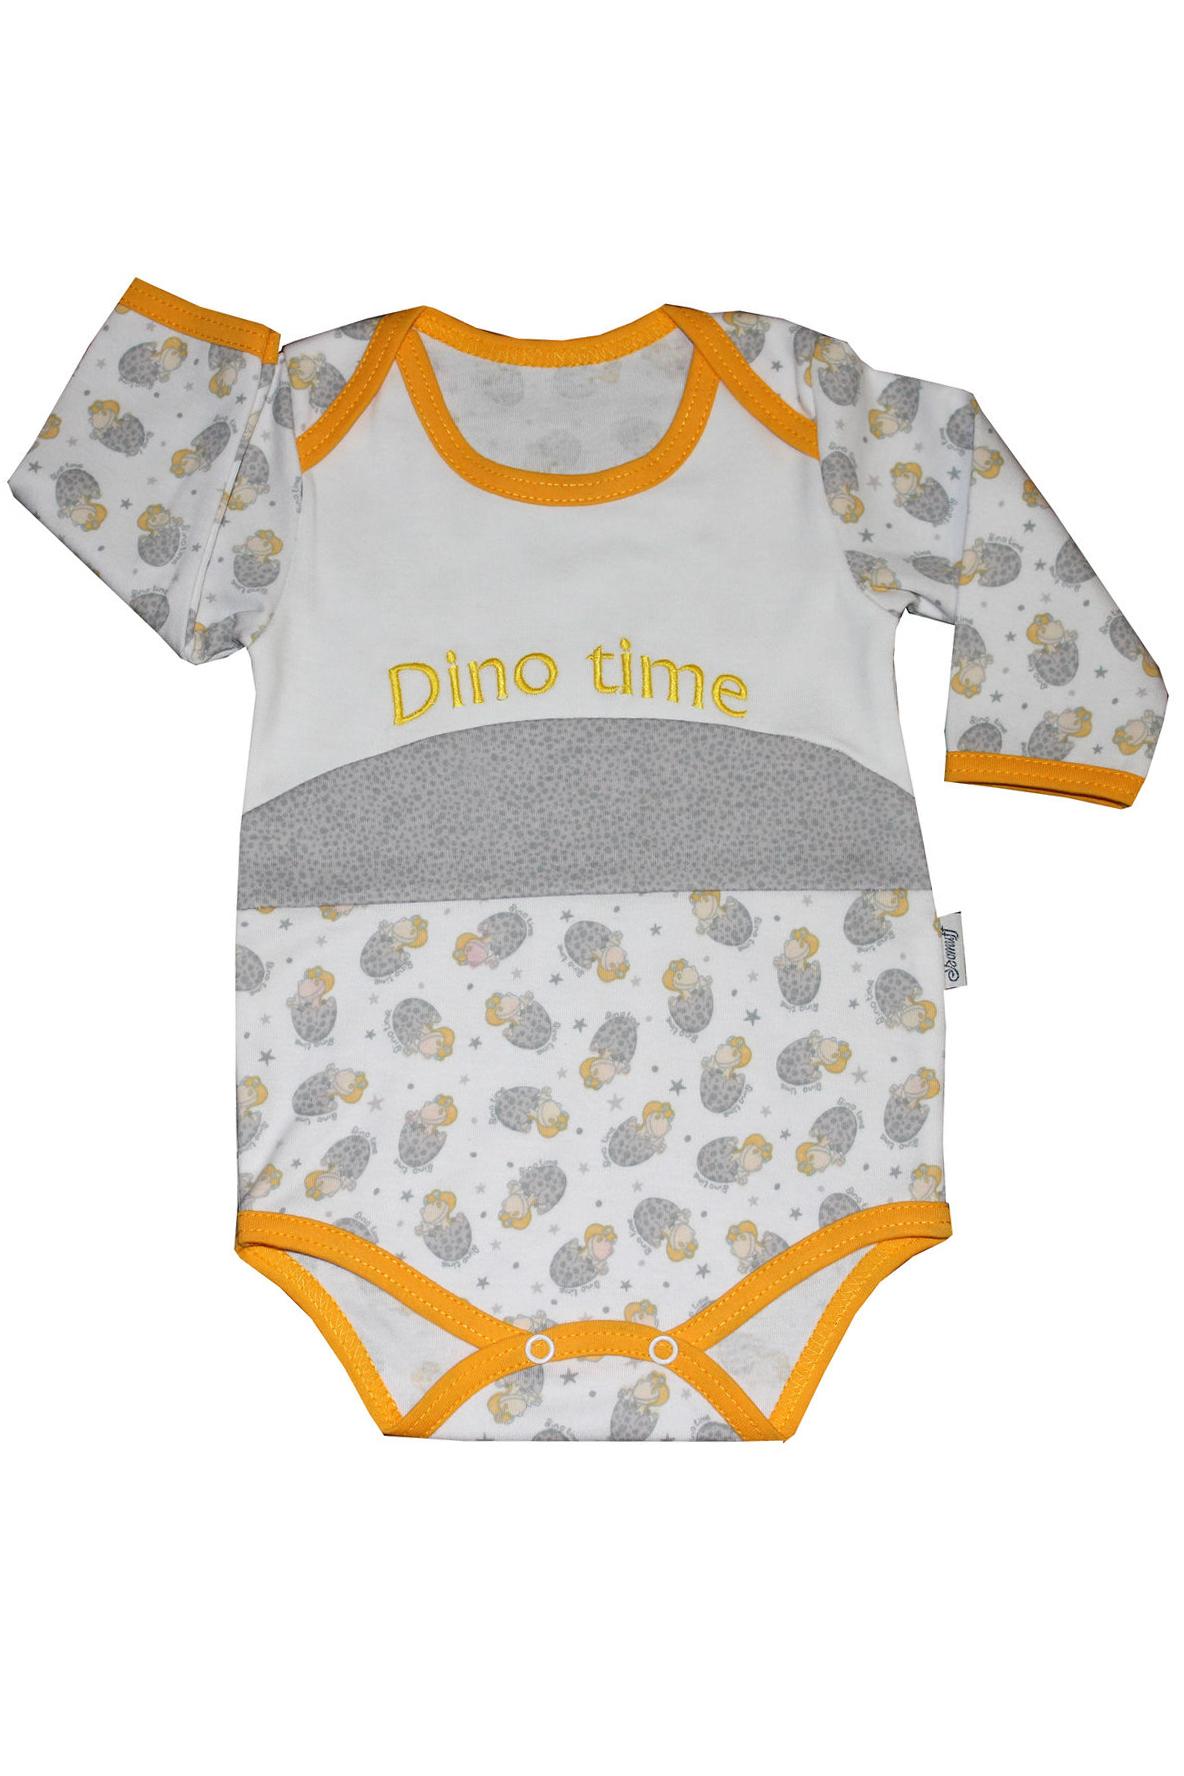 БодиКофточки<br>Хлопковое боди для новорожденного  Цвет: белый, серый, желтый  Размер соответствует росту ребенка.<br><br>По сезону: Всесезон<br>Размер : 62<br>Материал: Хлопок<br>Количество в наличии: 3